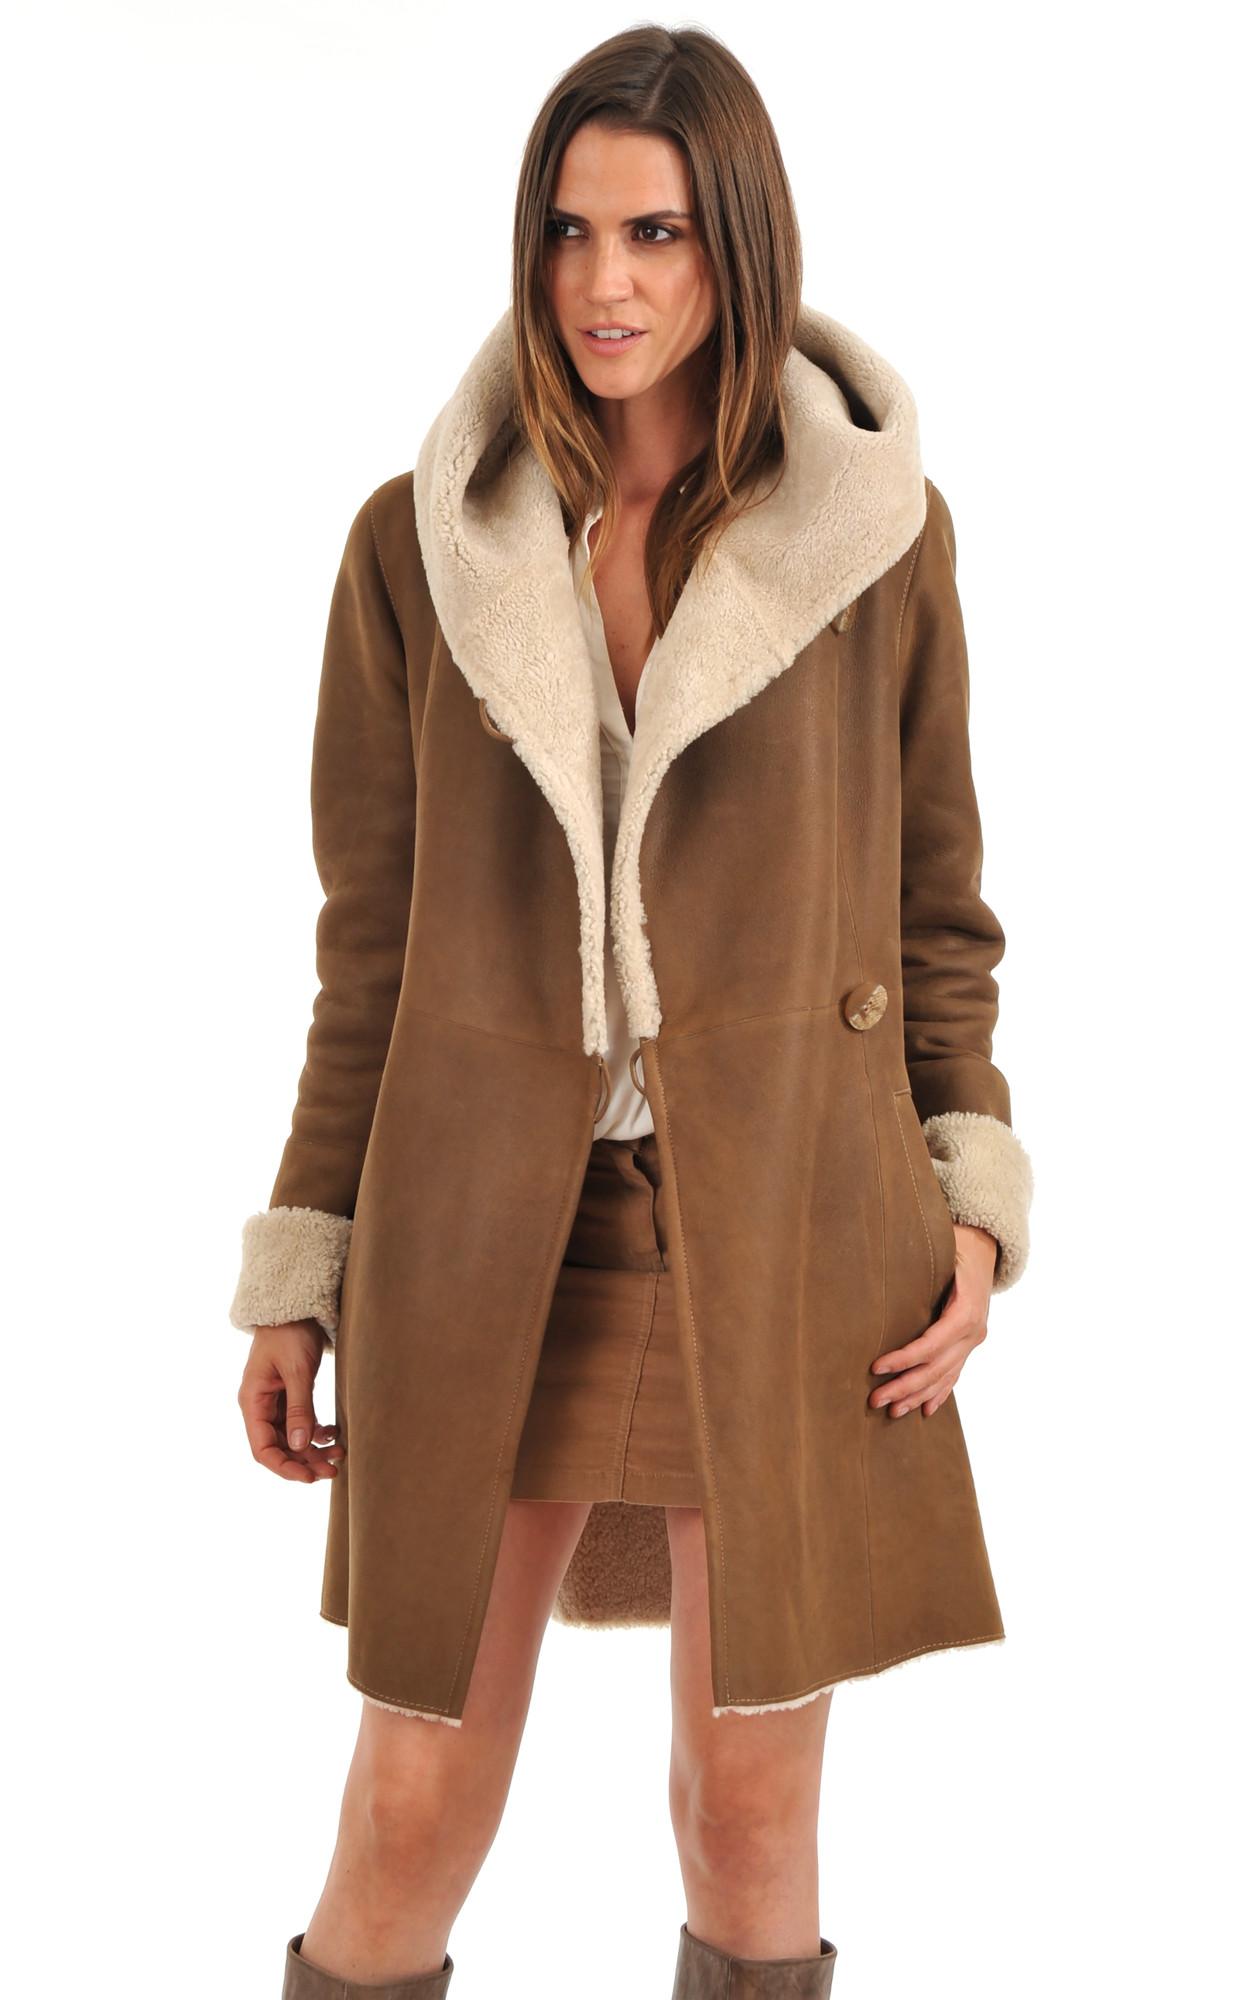 Manteau femme peau lainee avec capuche